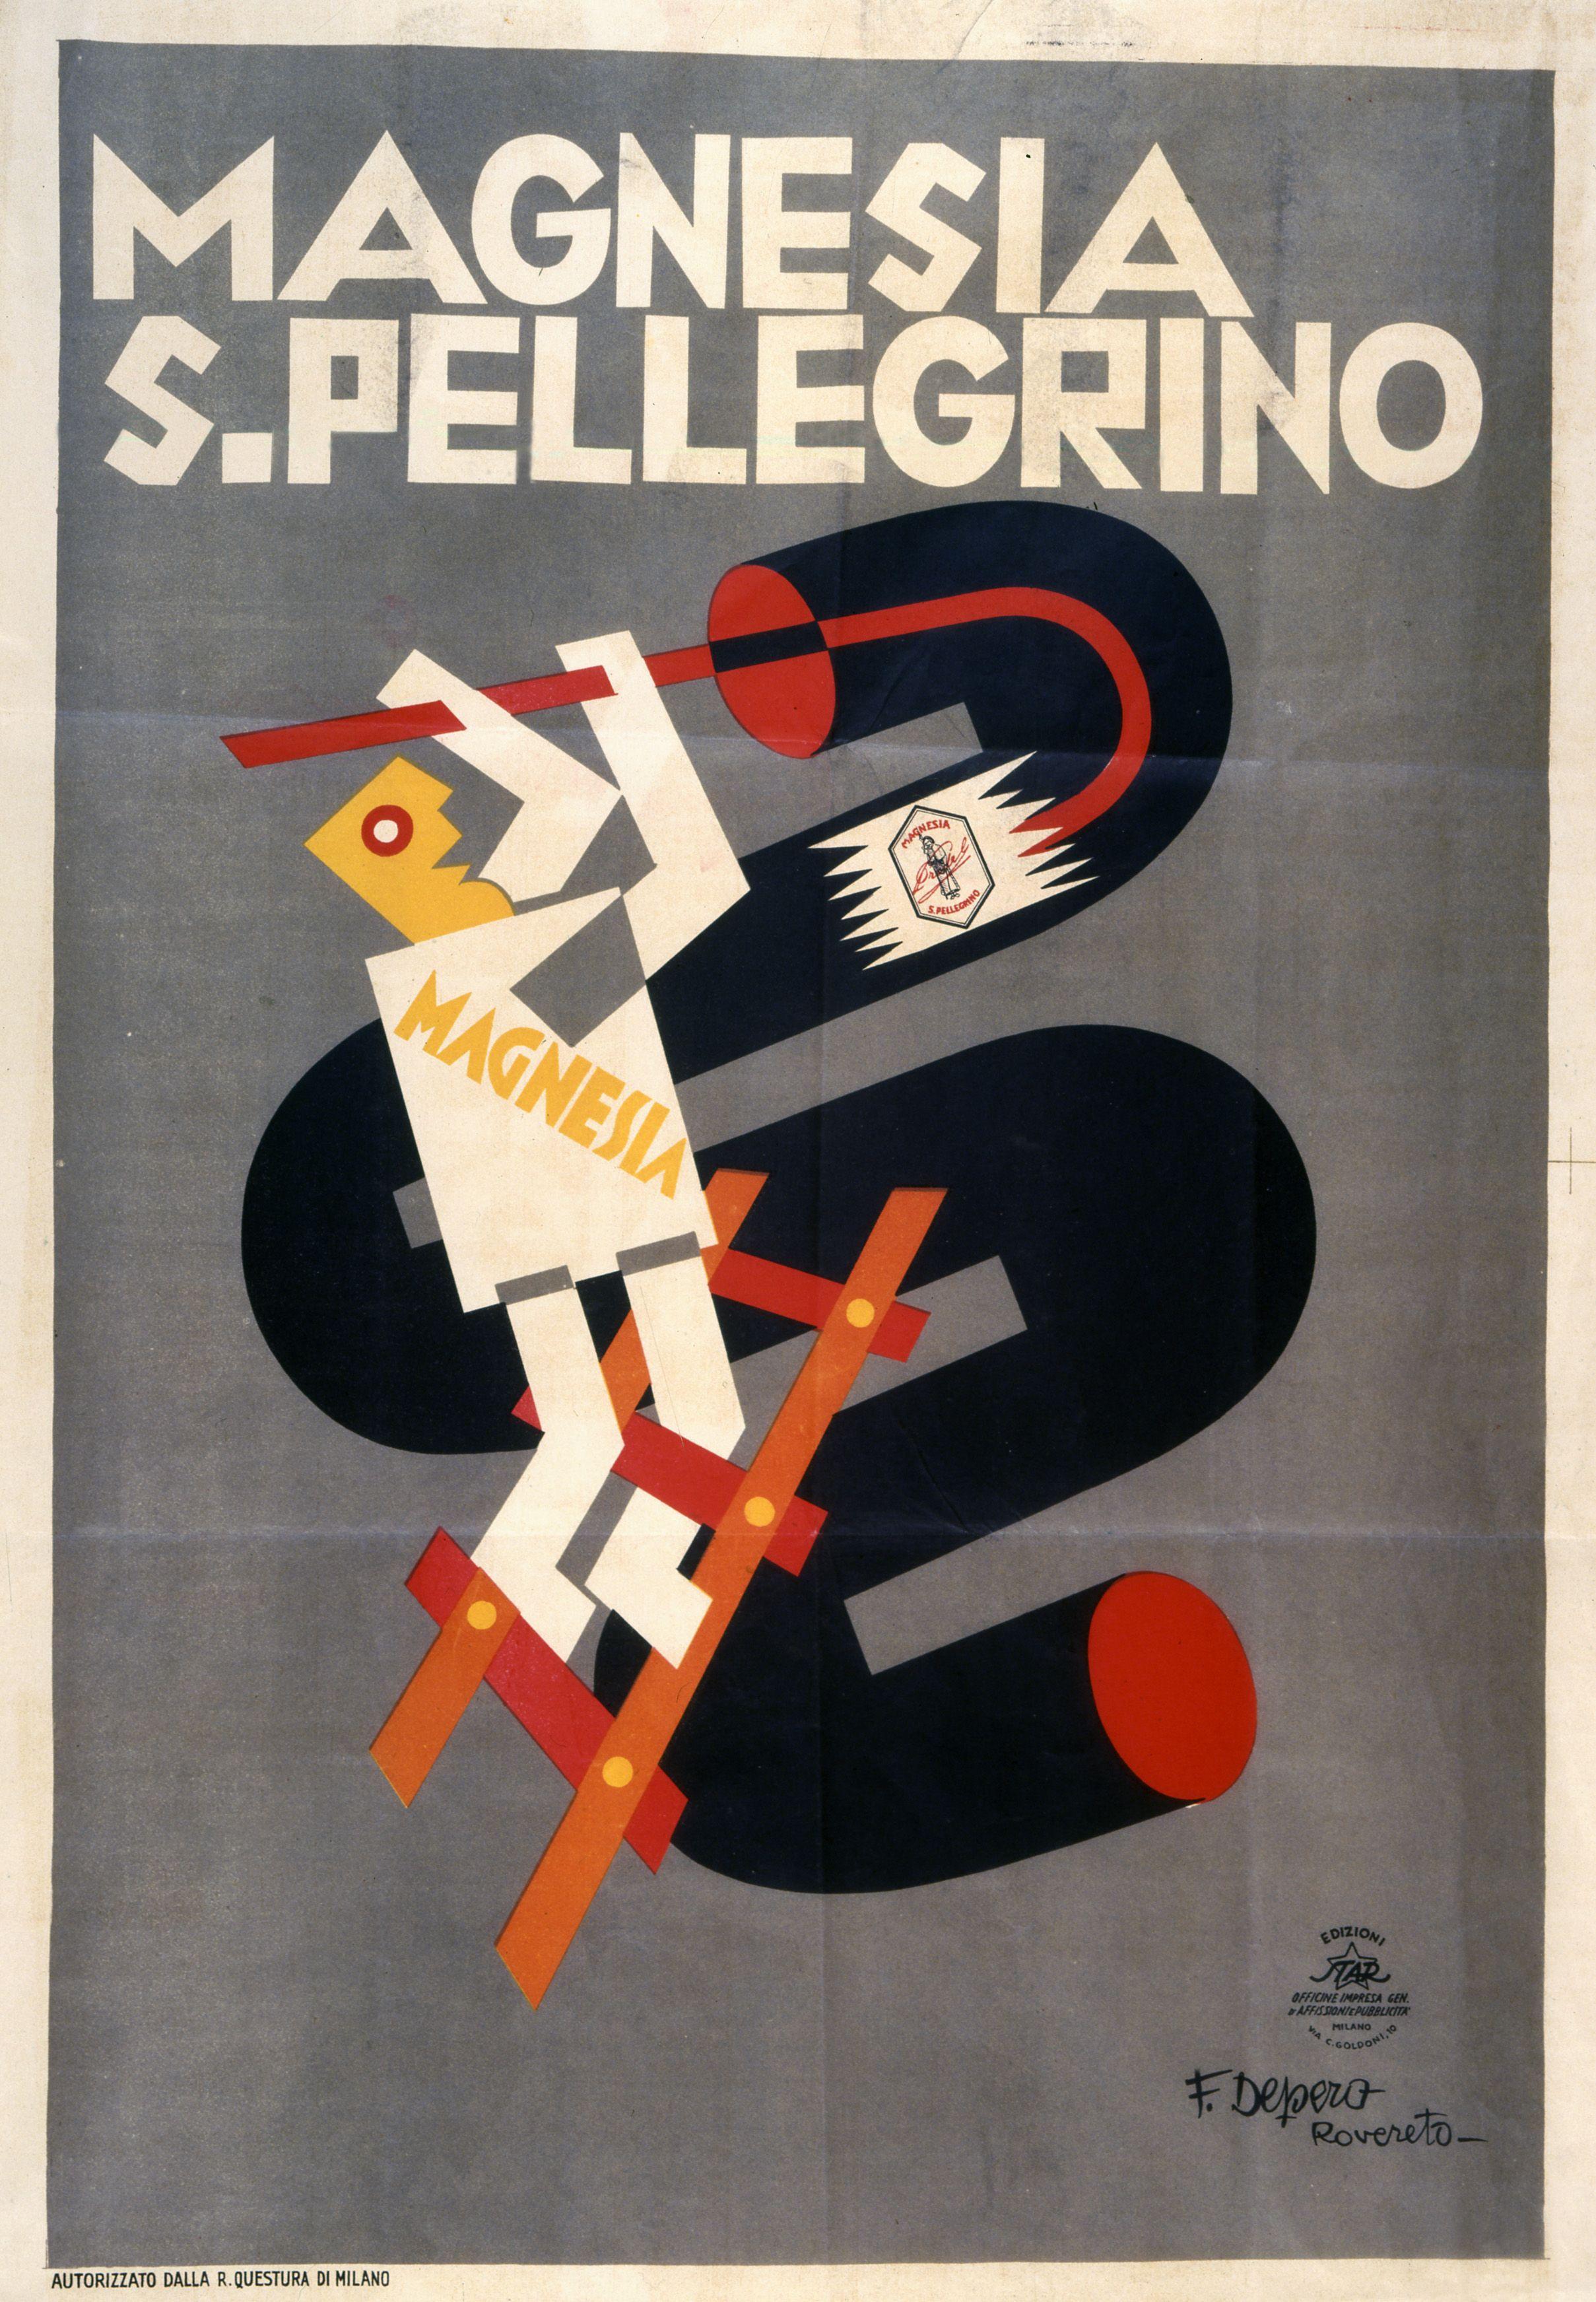 Manifesto Pubblicitario Magnesia S Pellegrino Fortunato Depero 1928 30 Courtesy Mart Museo Manifesto Pubblicitario Vecchie Pubblicita Pubblicita Vintage